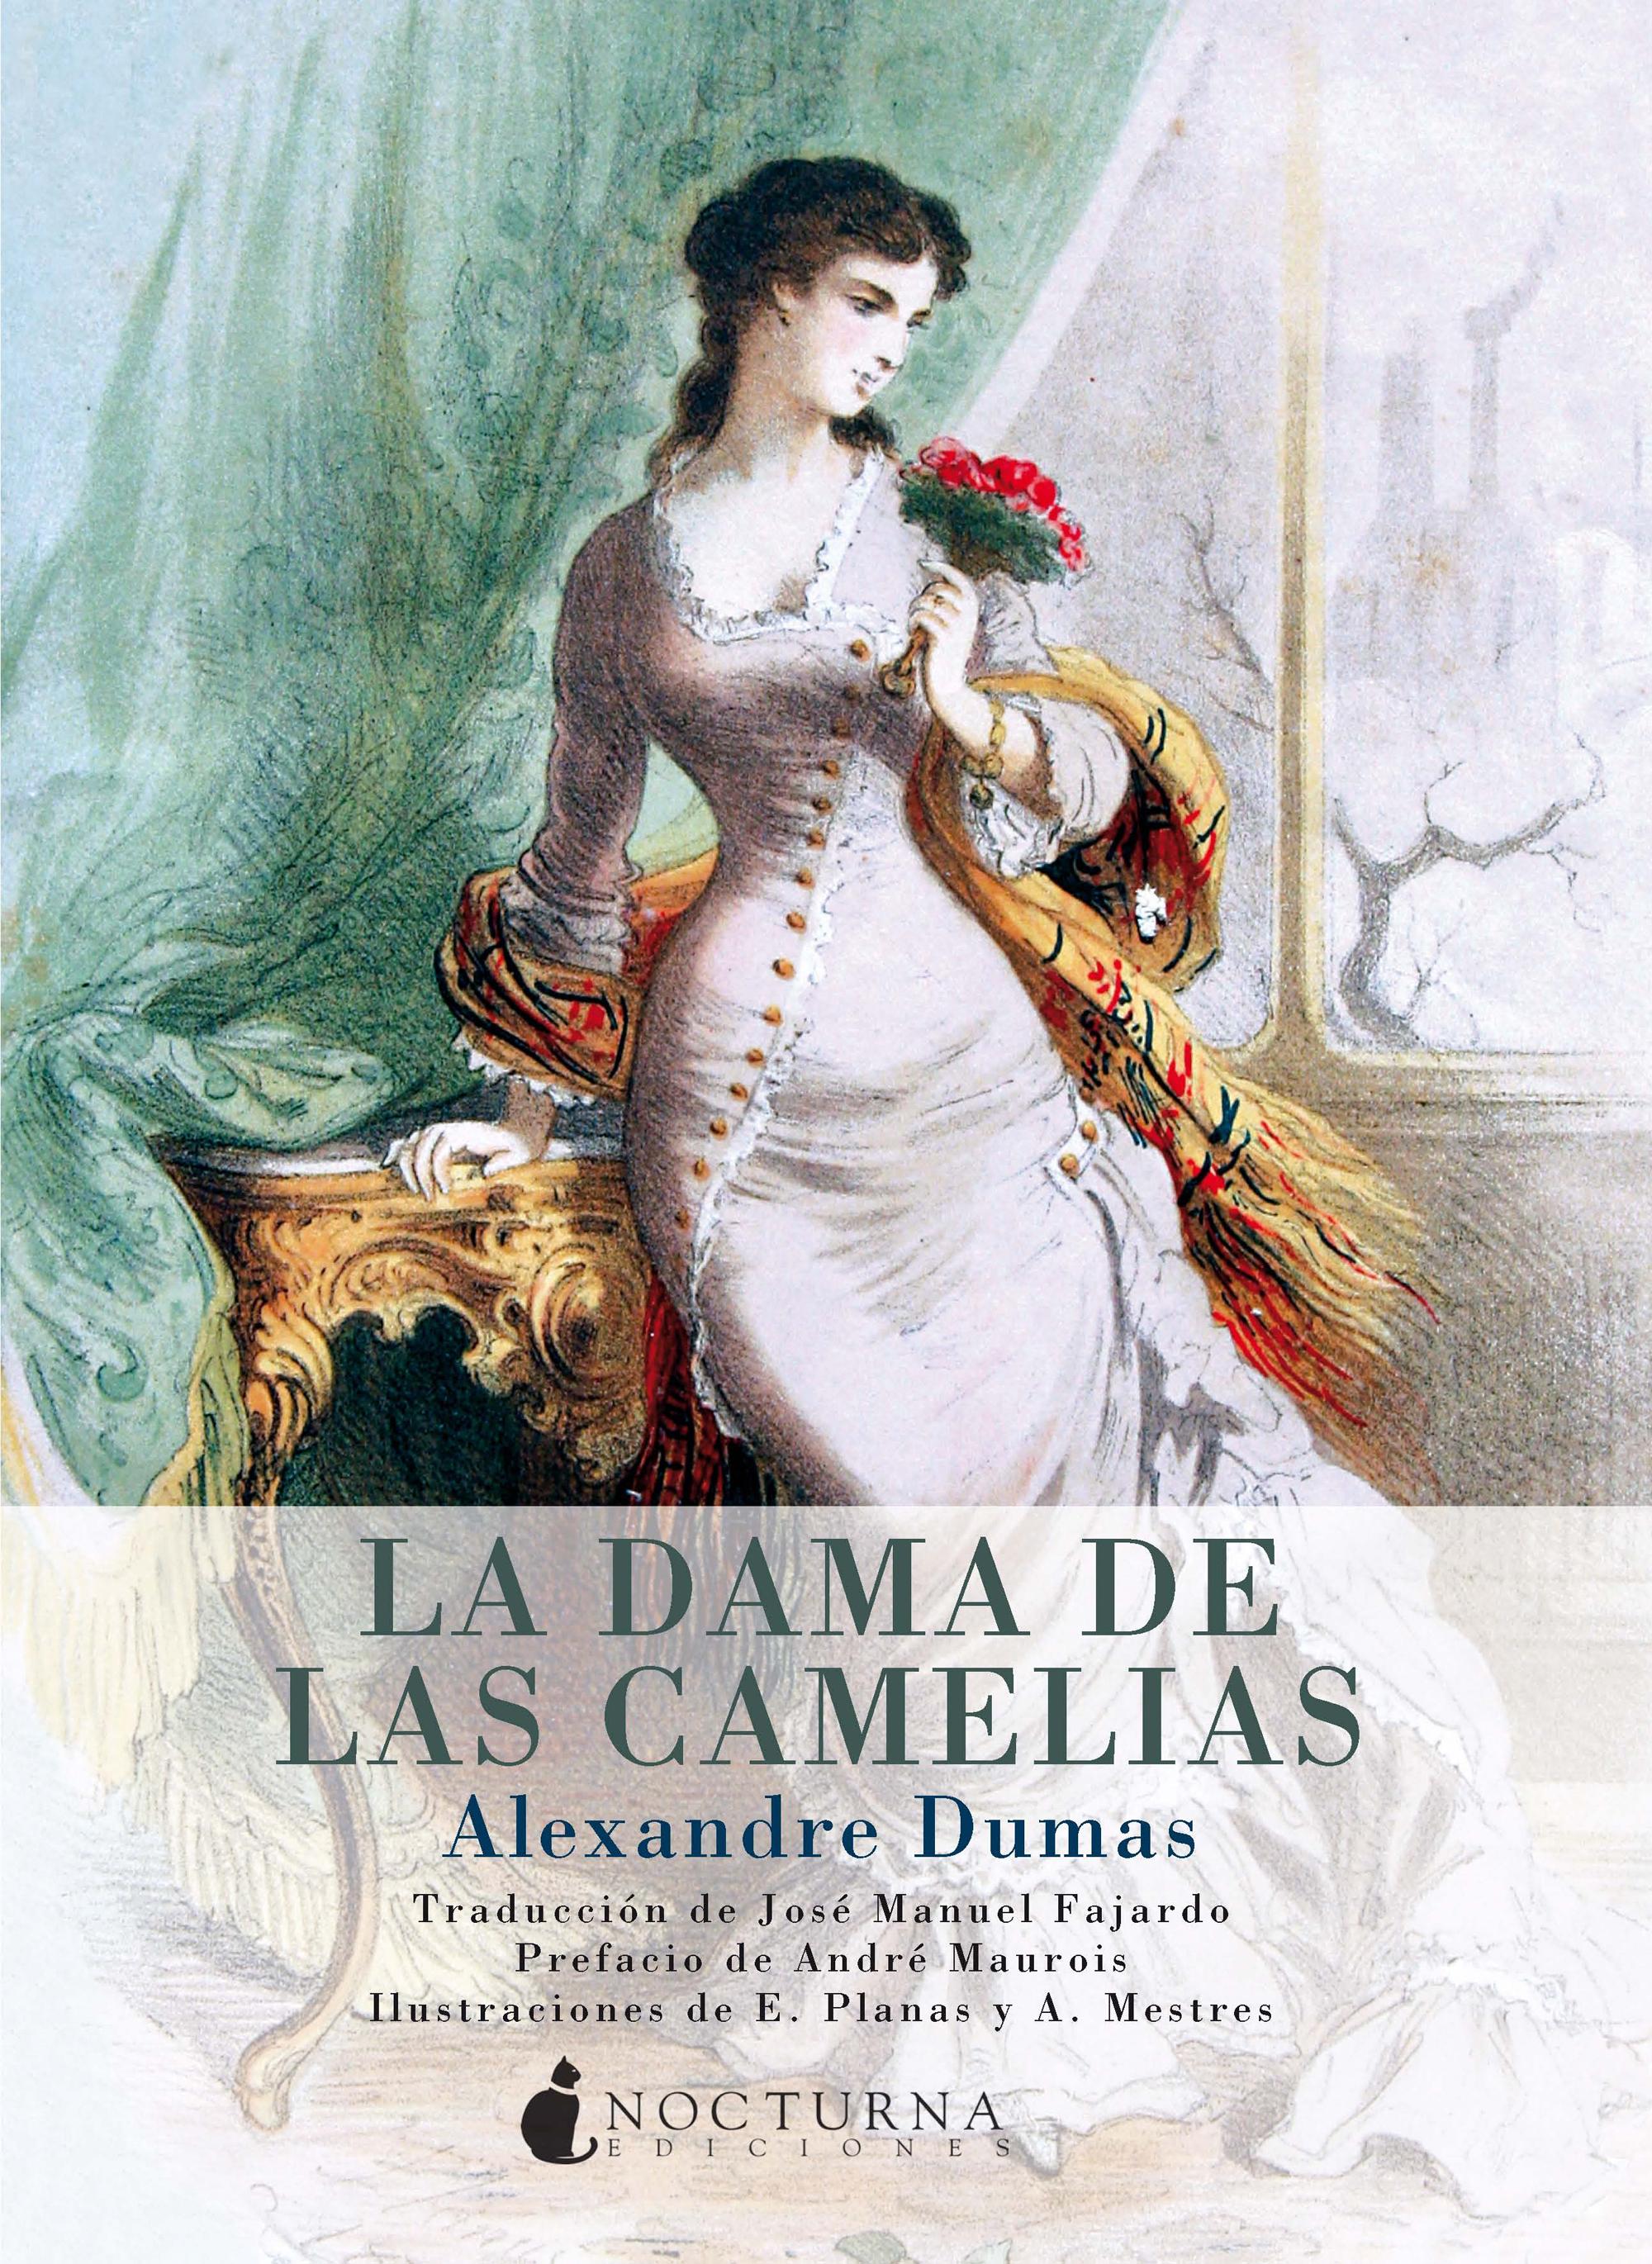 La dama de las camelias - Nocturna Ediciones